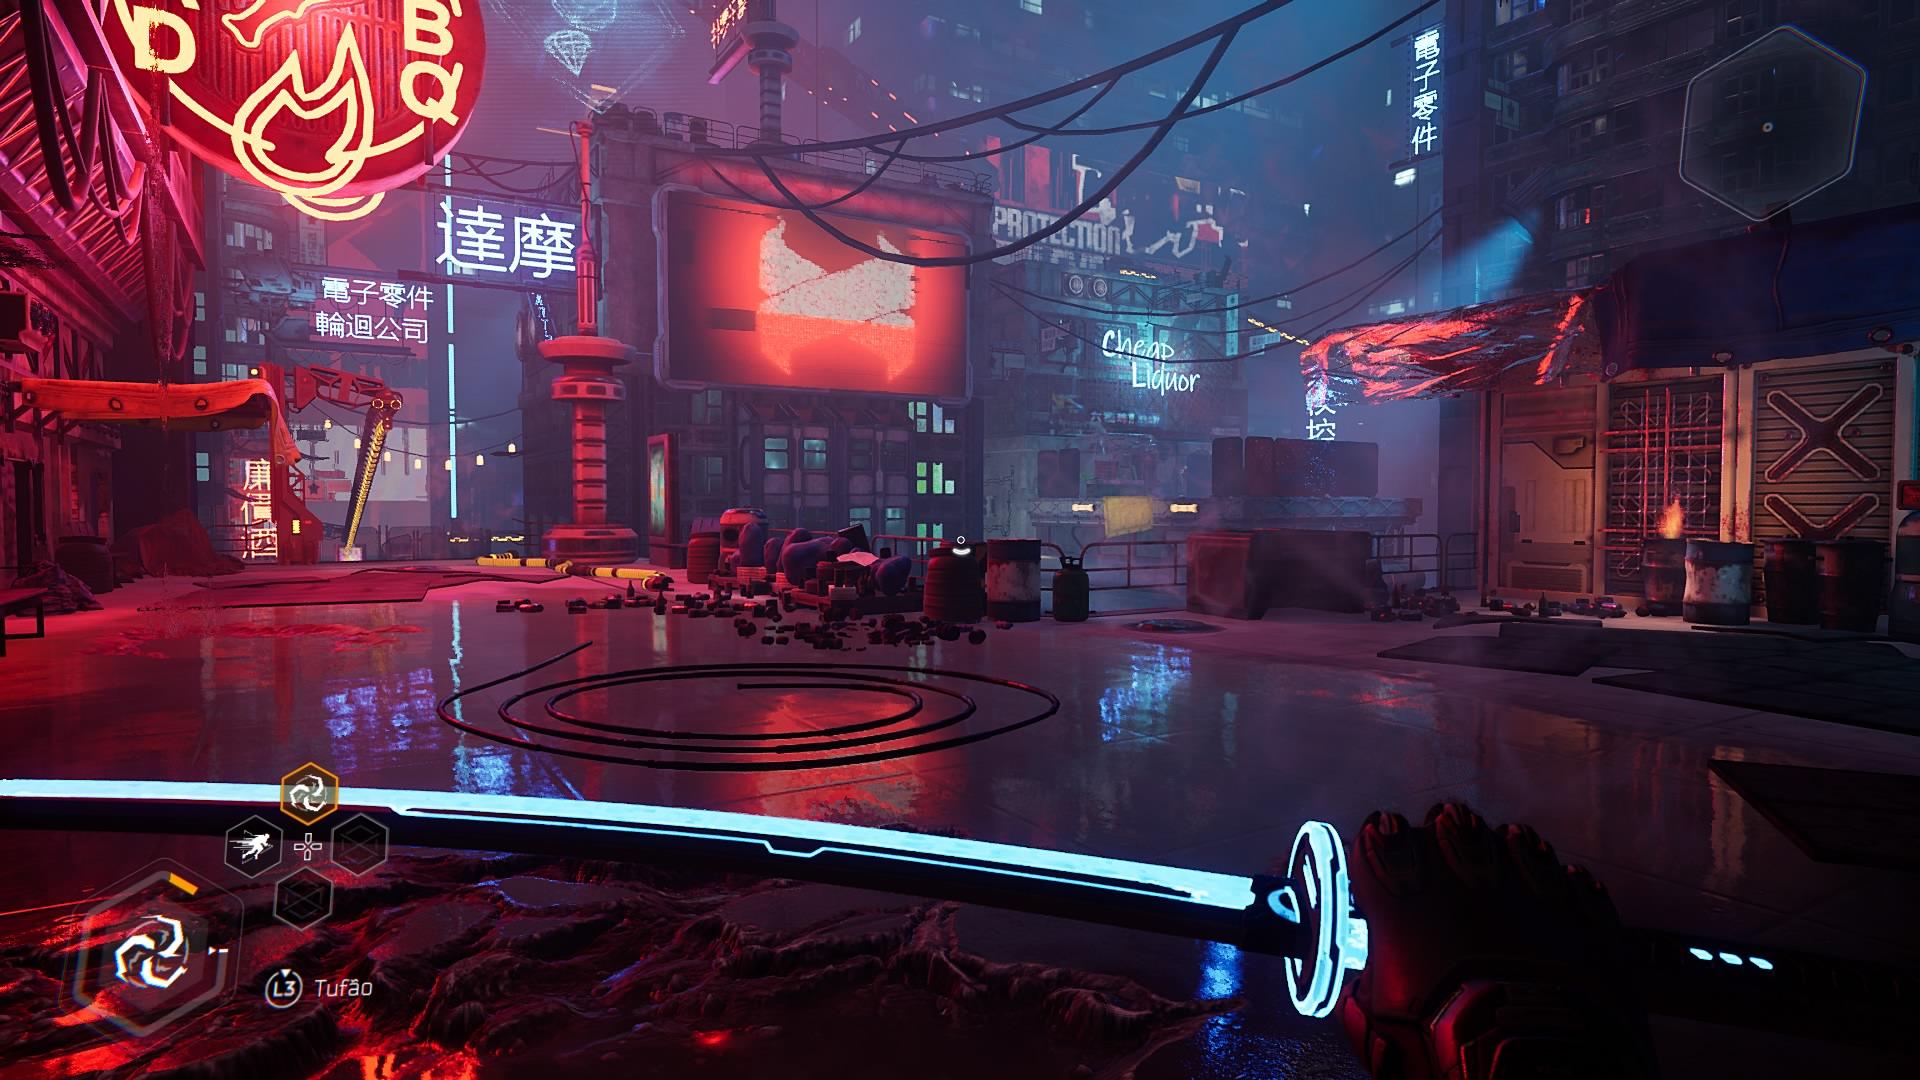 Uma das fases mais belas e coloridas do jogo